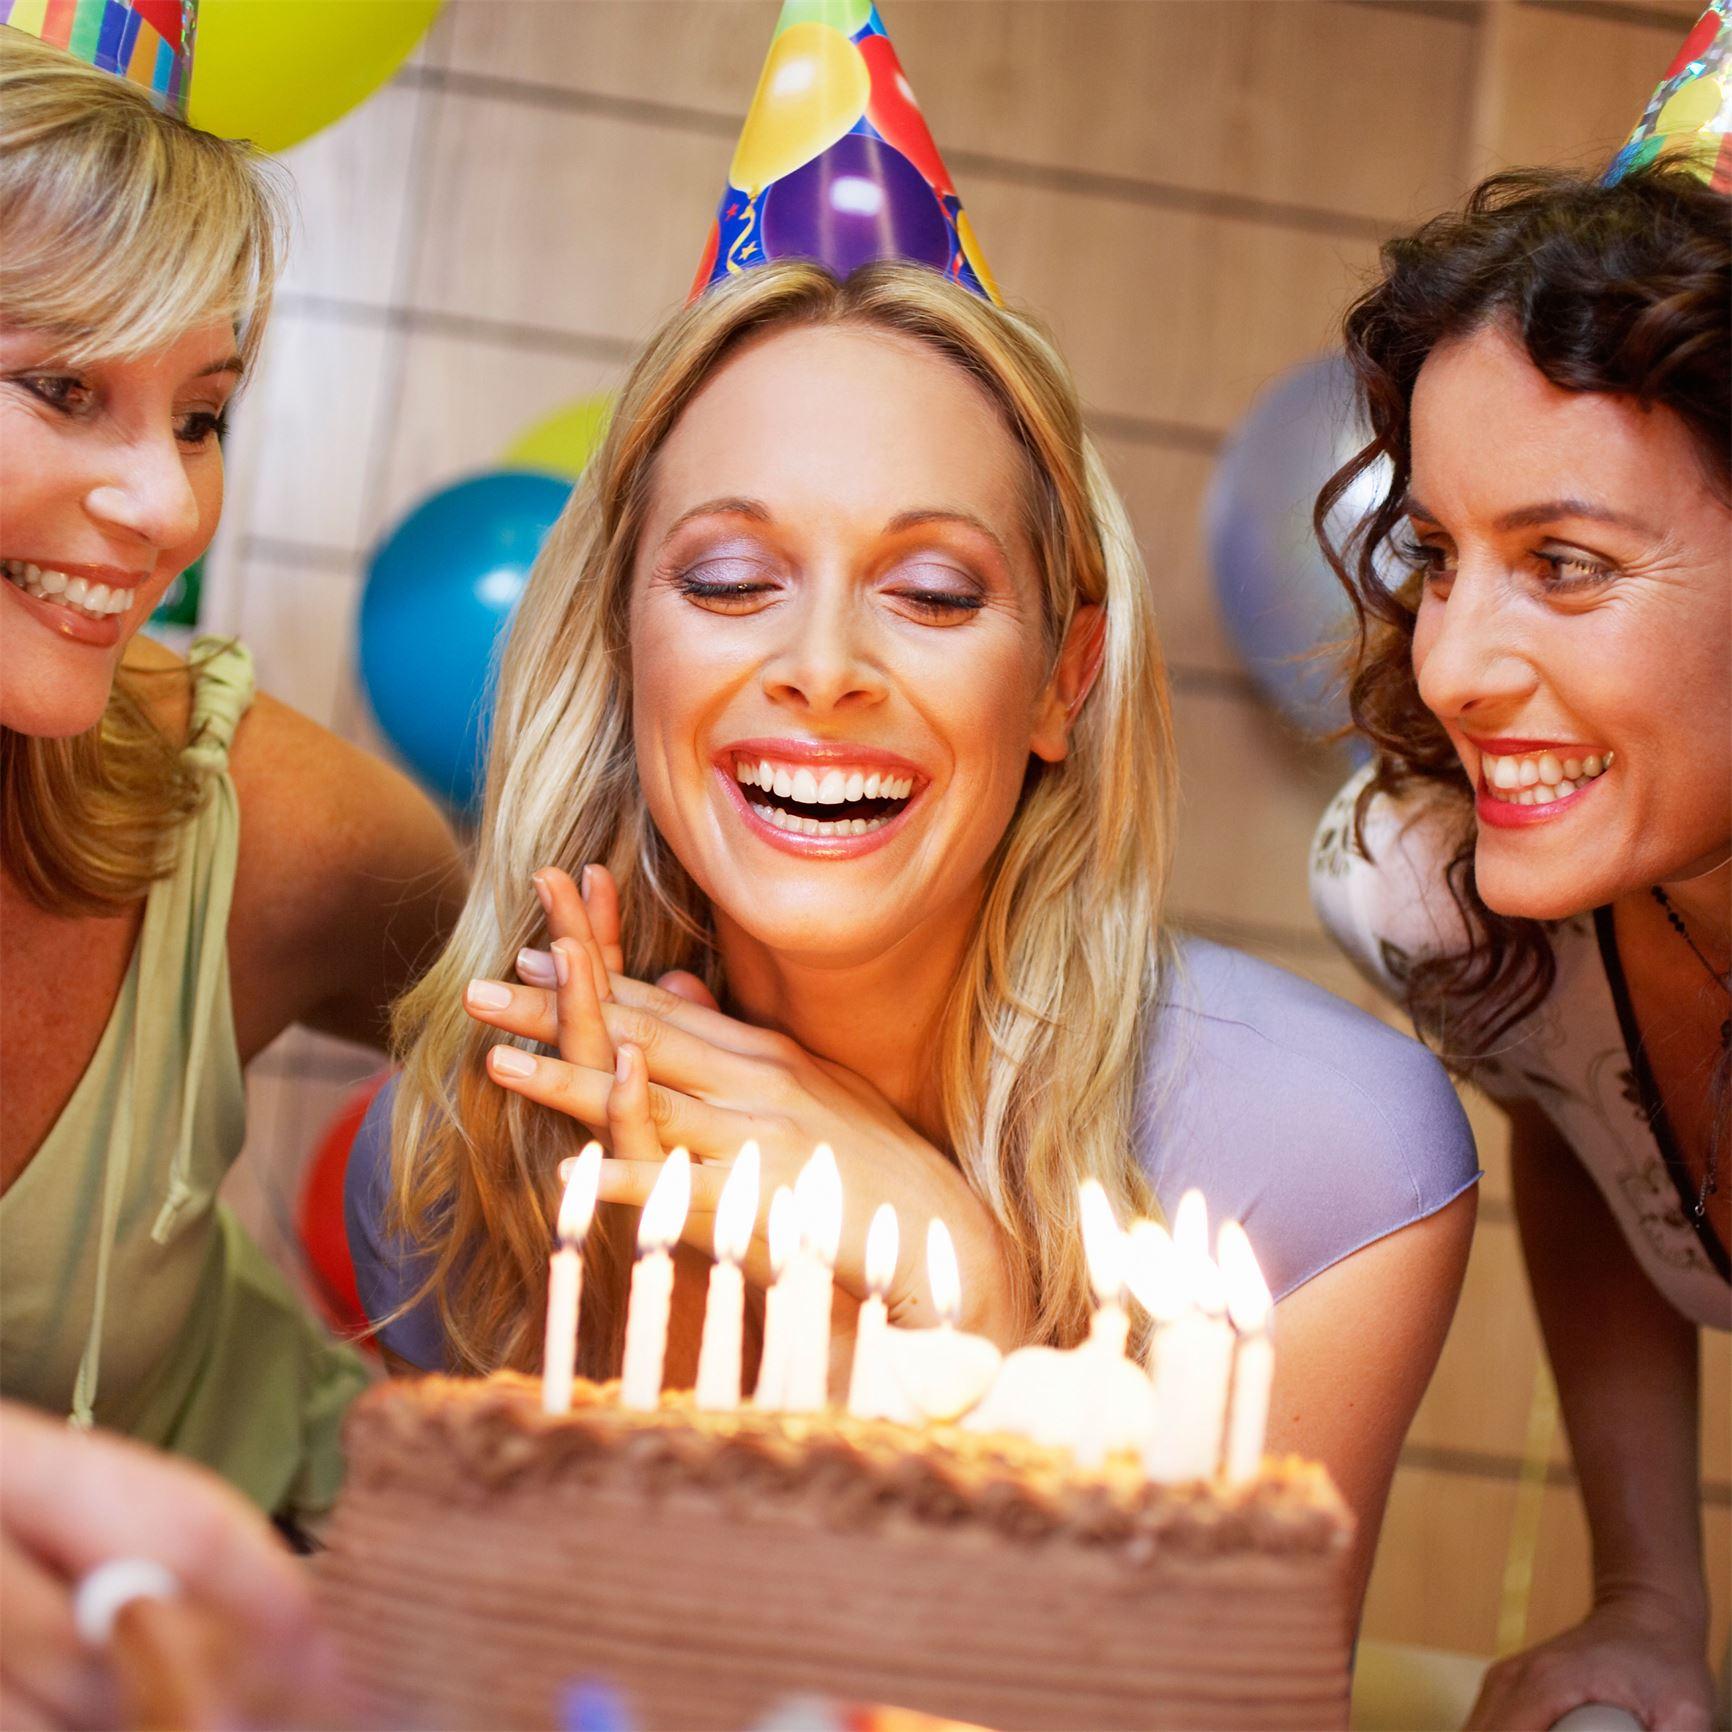 Приметы – что нужно делать в день рождения: утром, как отмечать, про одежду, про гостей, про погоду